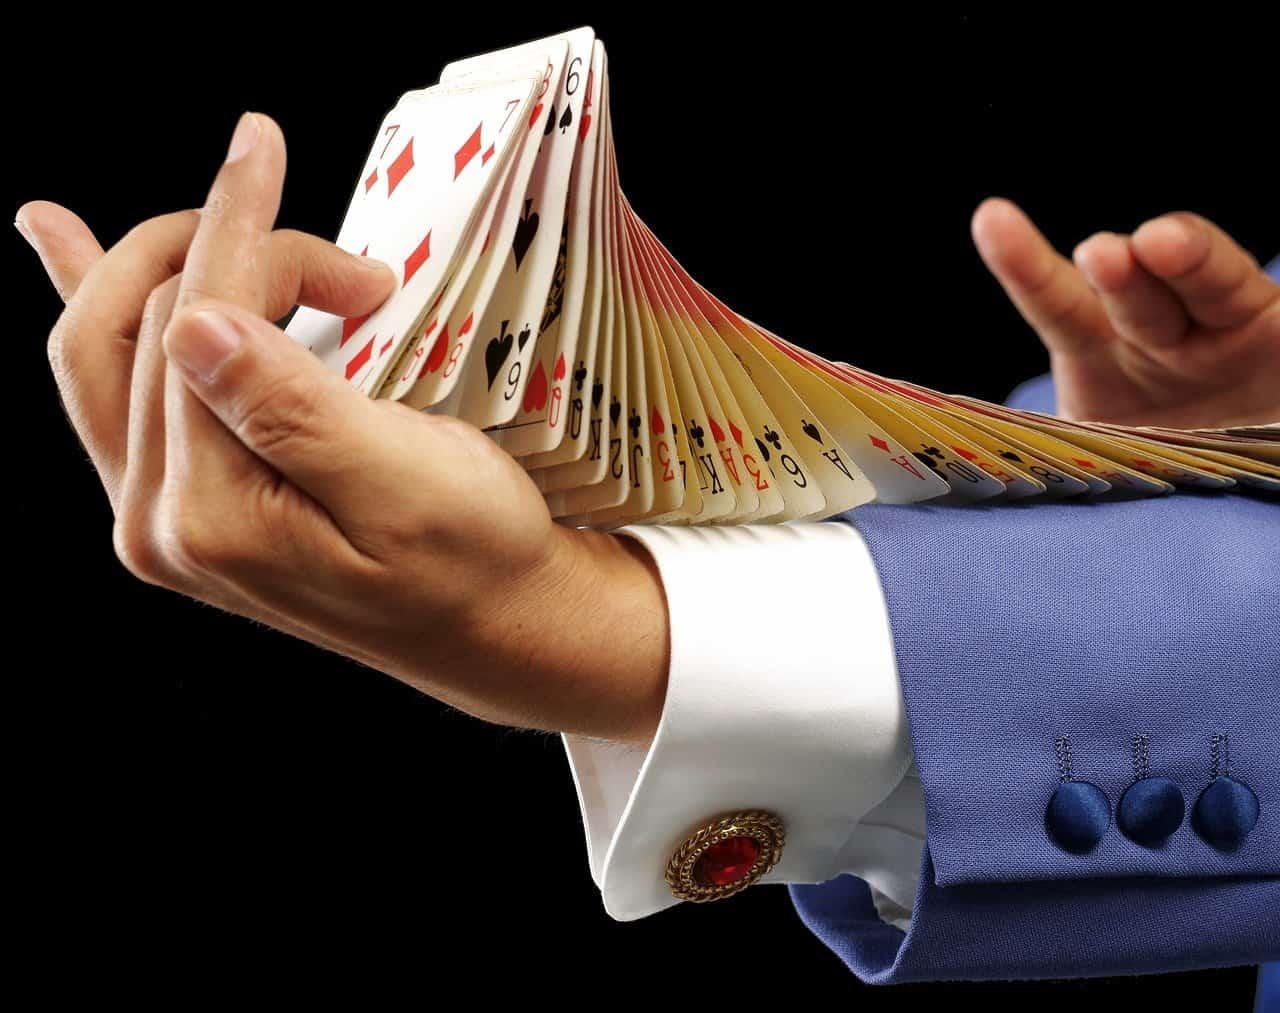 אמן חושים עם קלפים